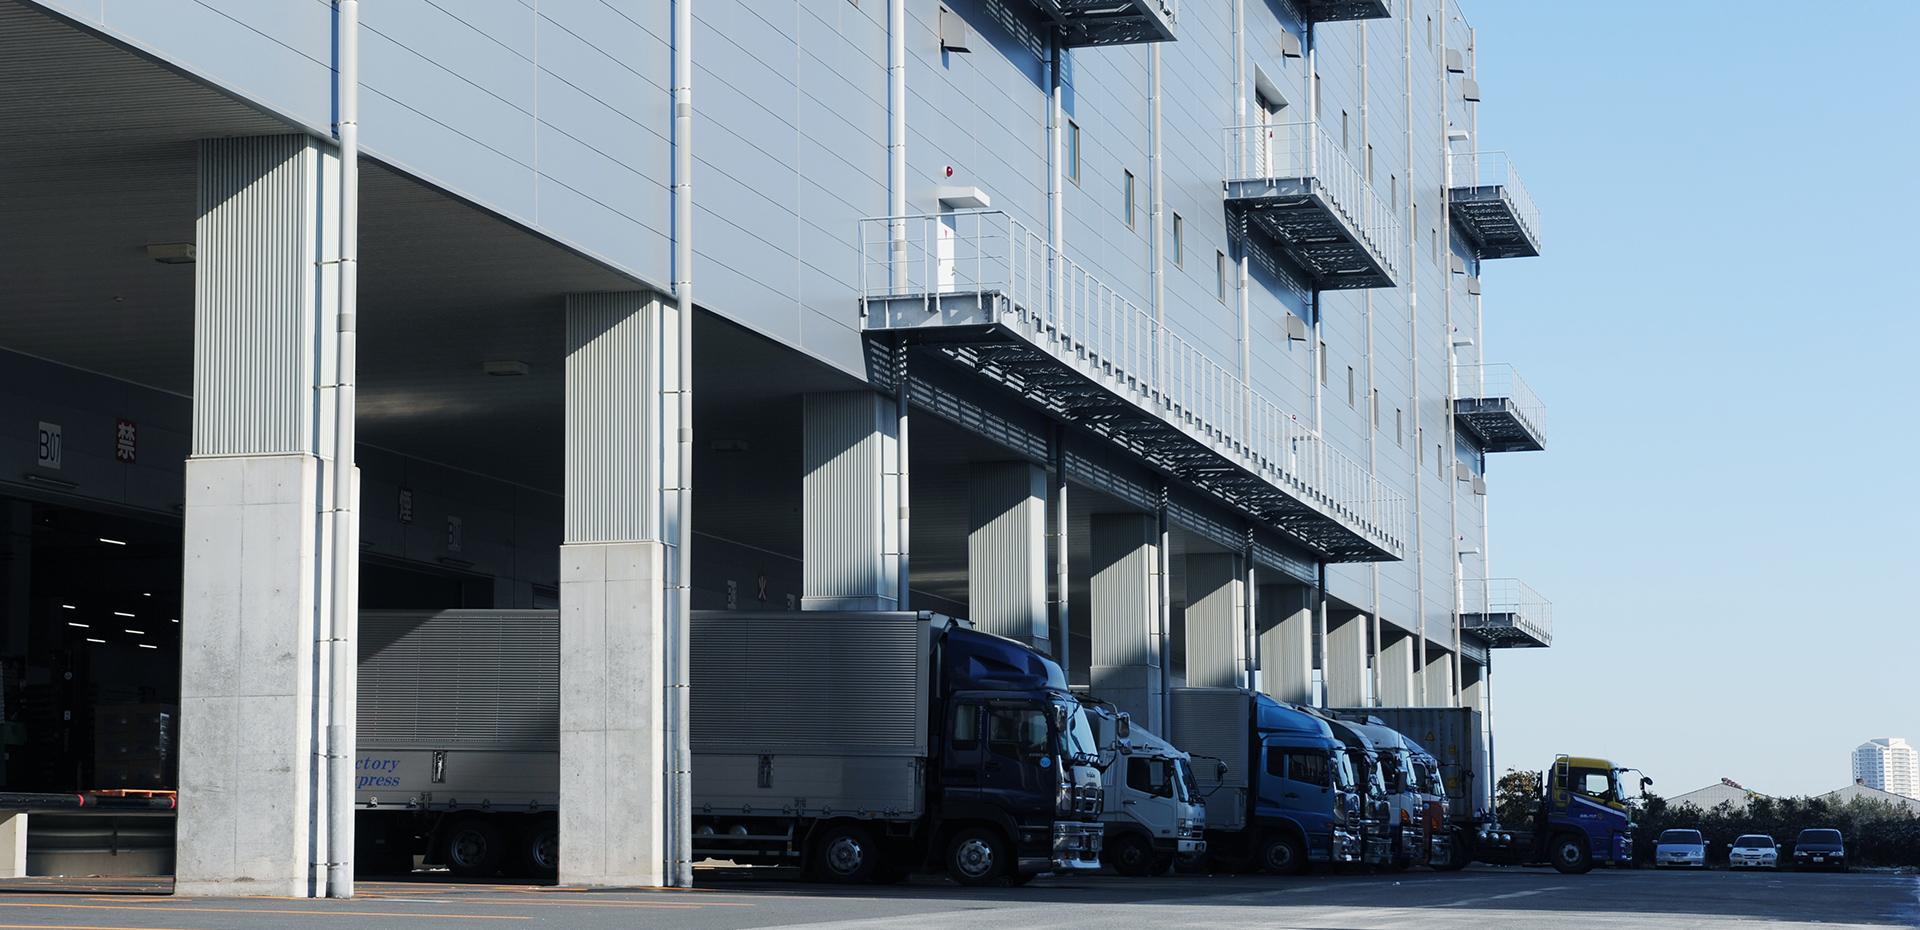 image_warehouse19